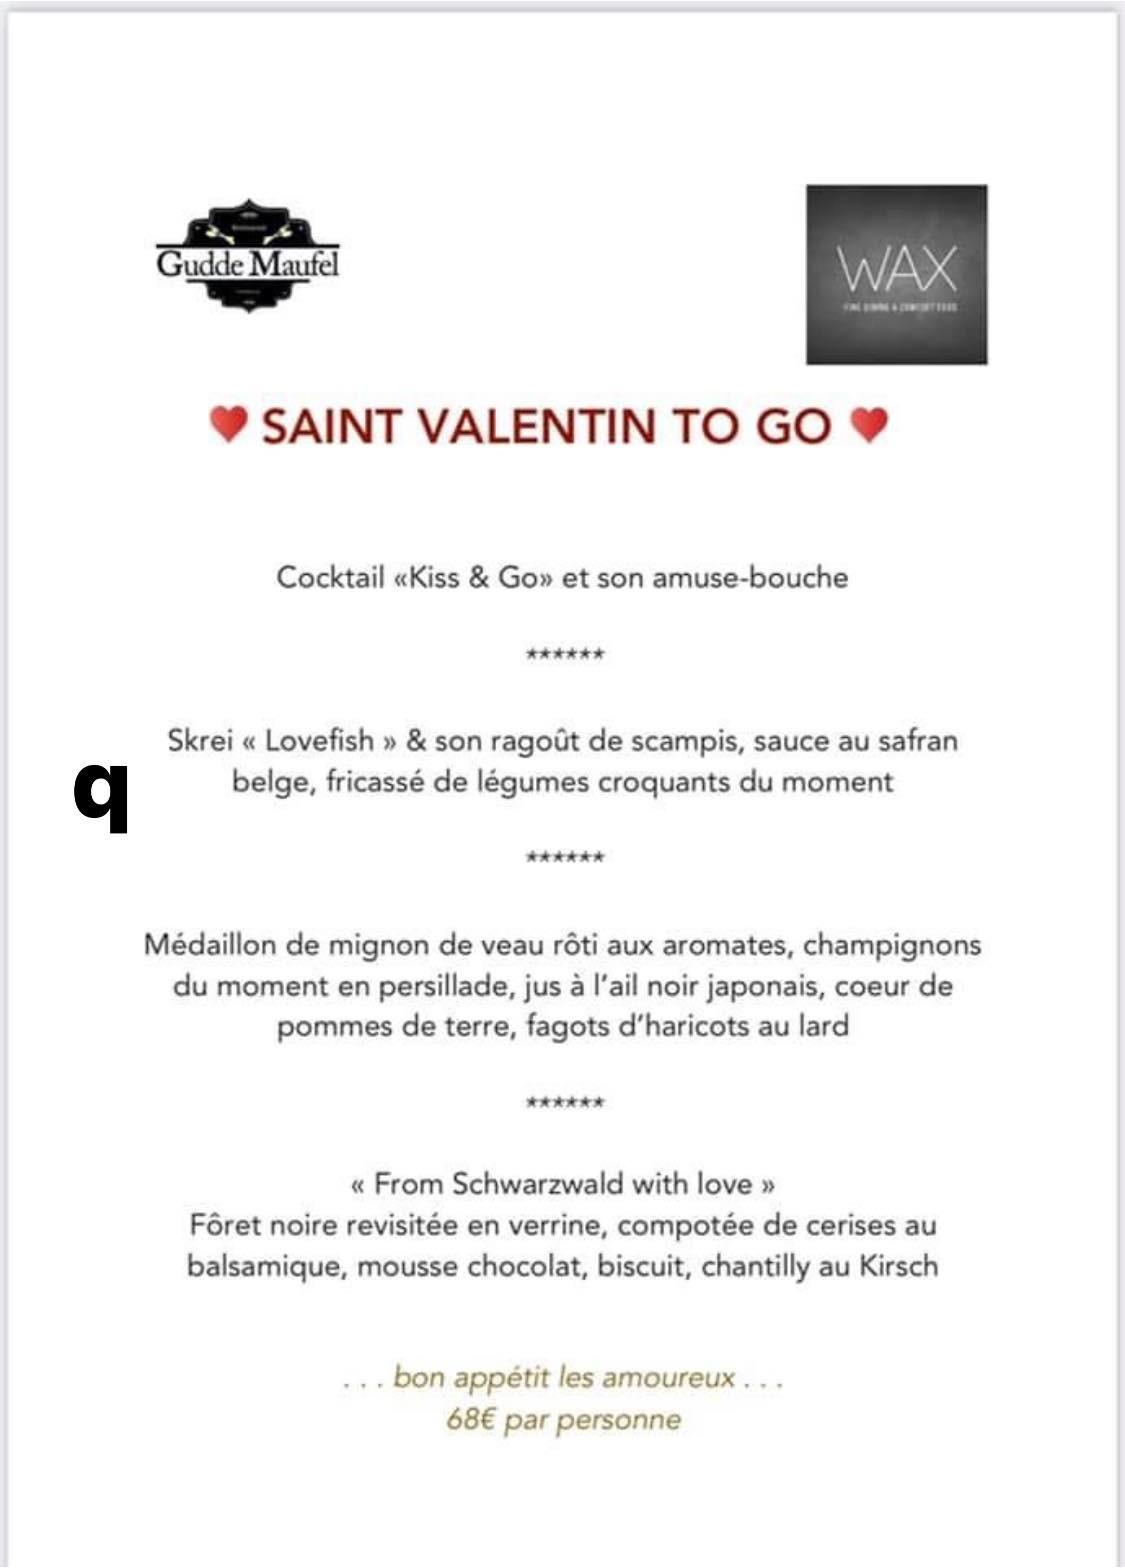 Le menu de Saint-Valentin 2021 du restaurant Wax. (Photo: DR)